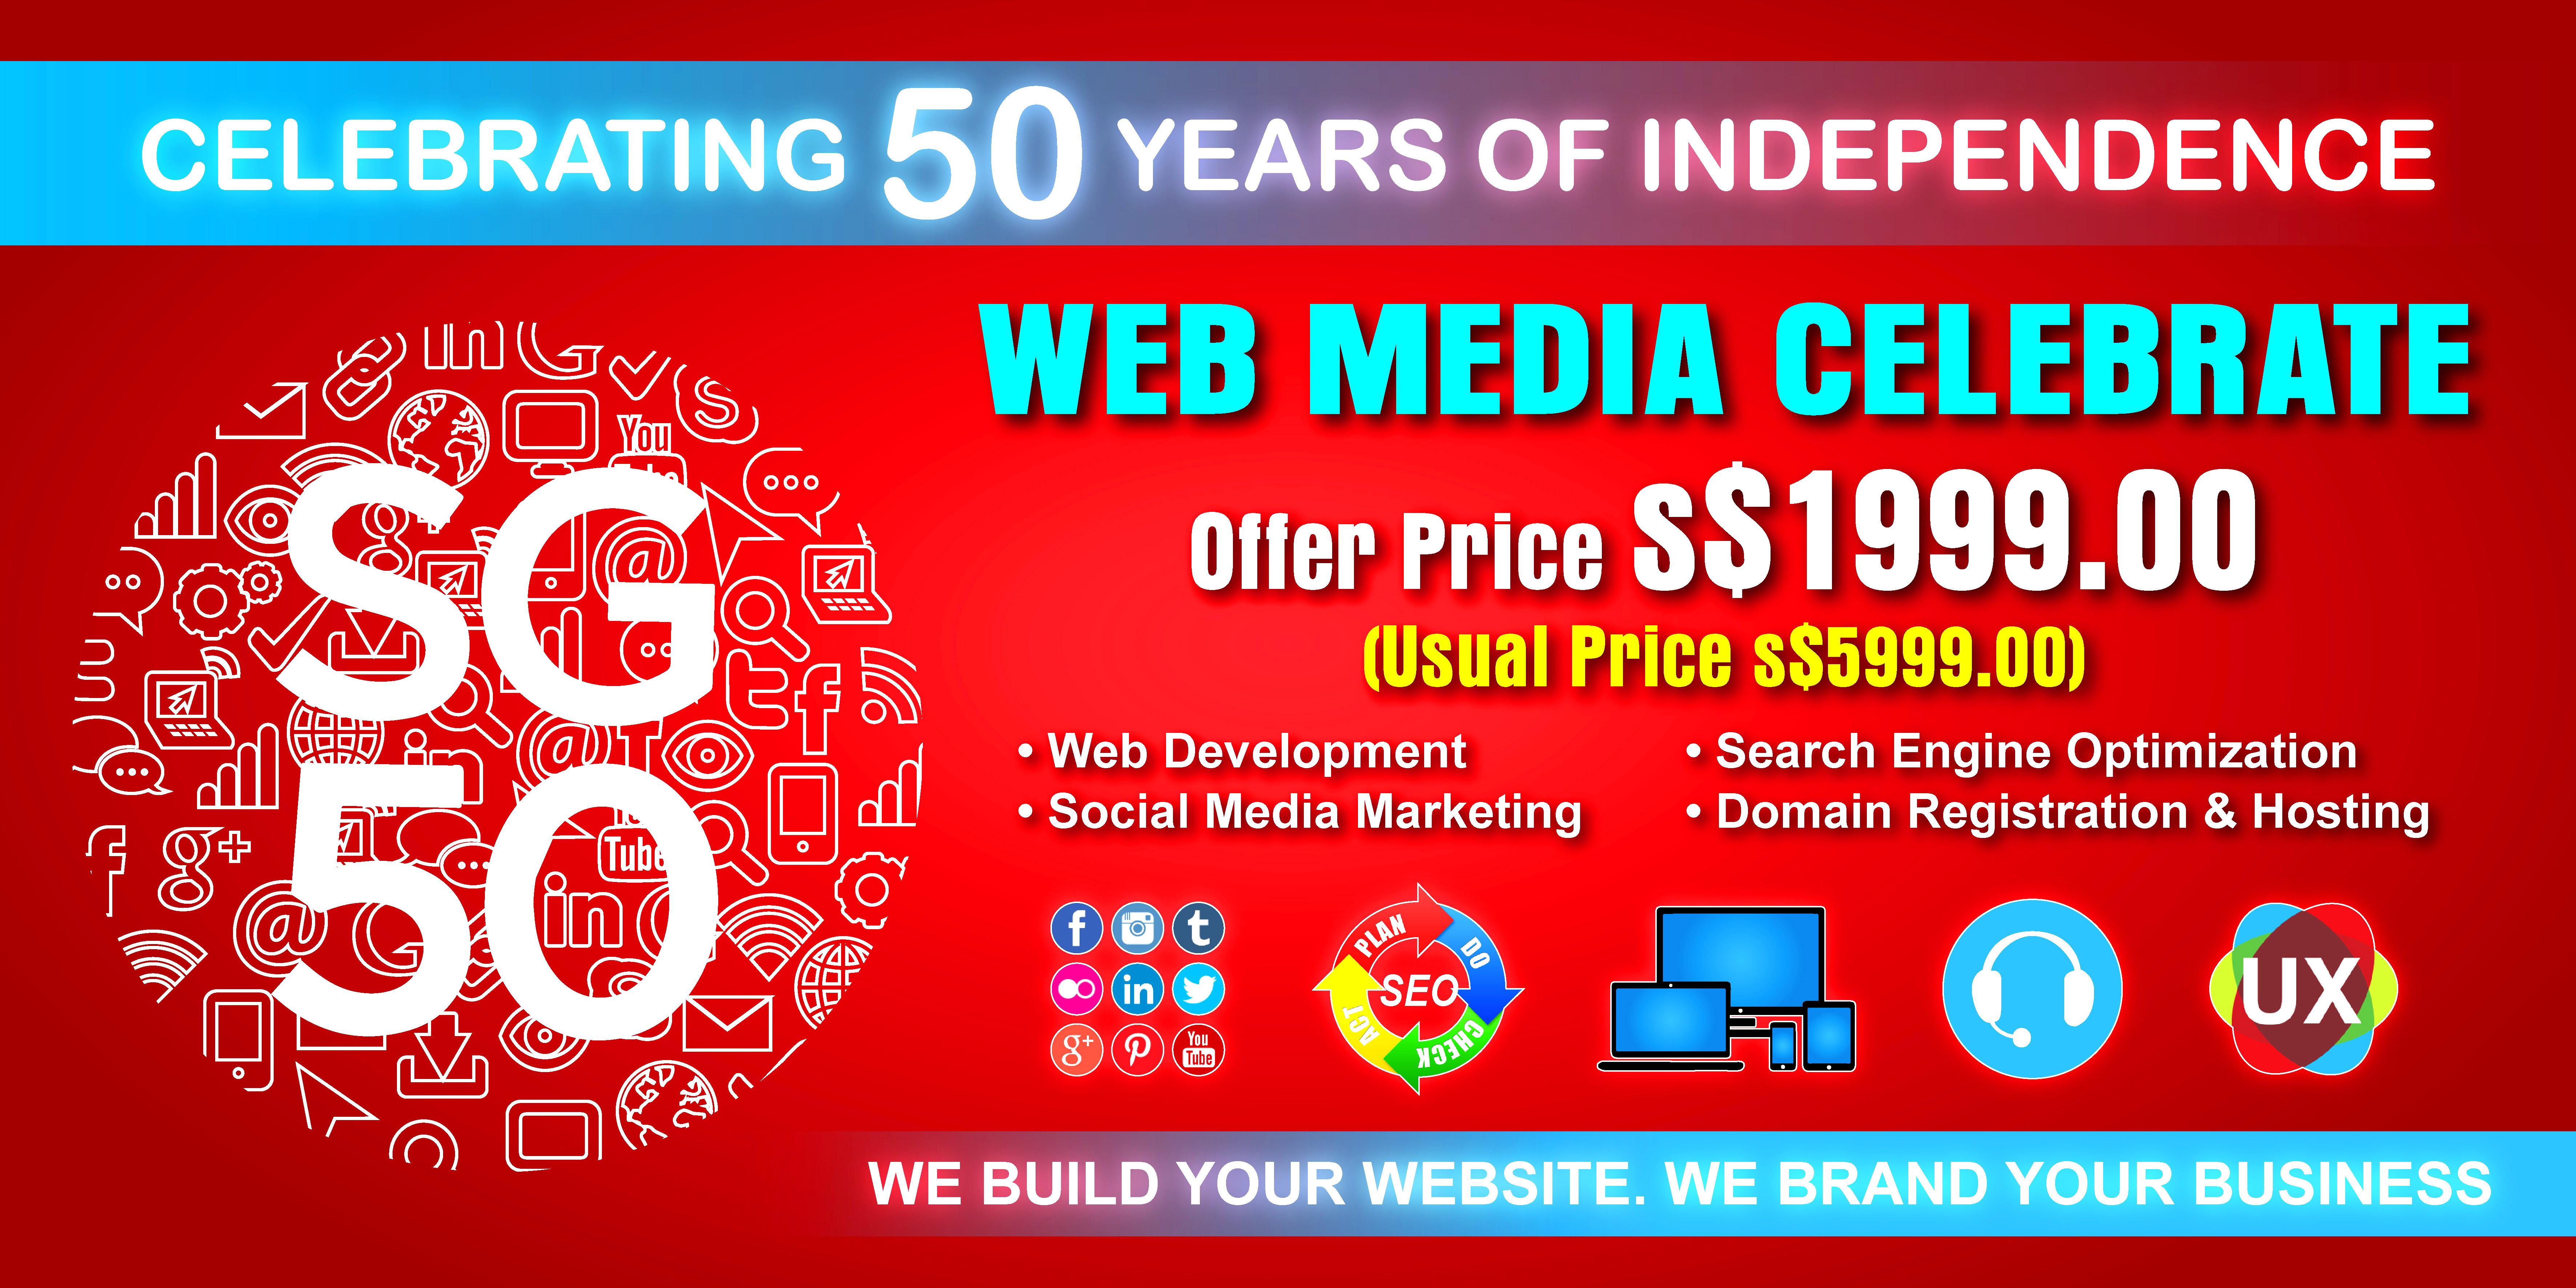 Web-Media-Celebrate